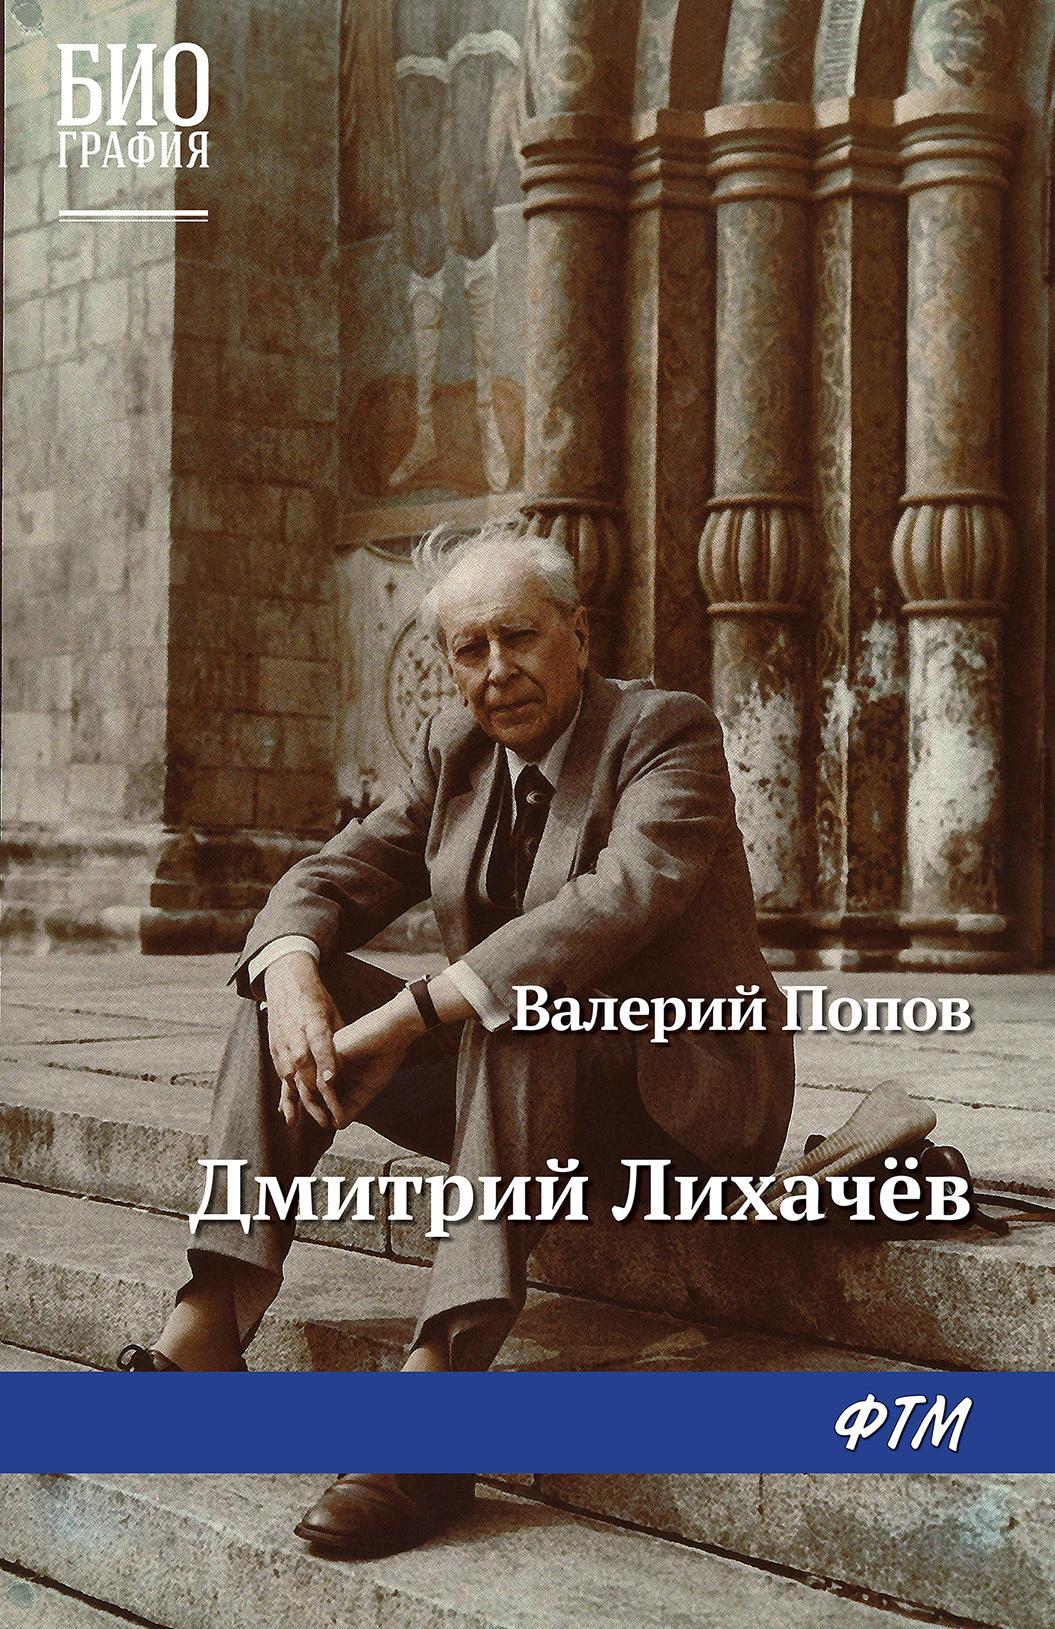 скачать бесплатно книгу Дмитрий Лихачев